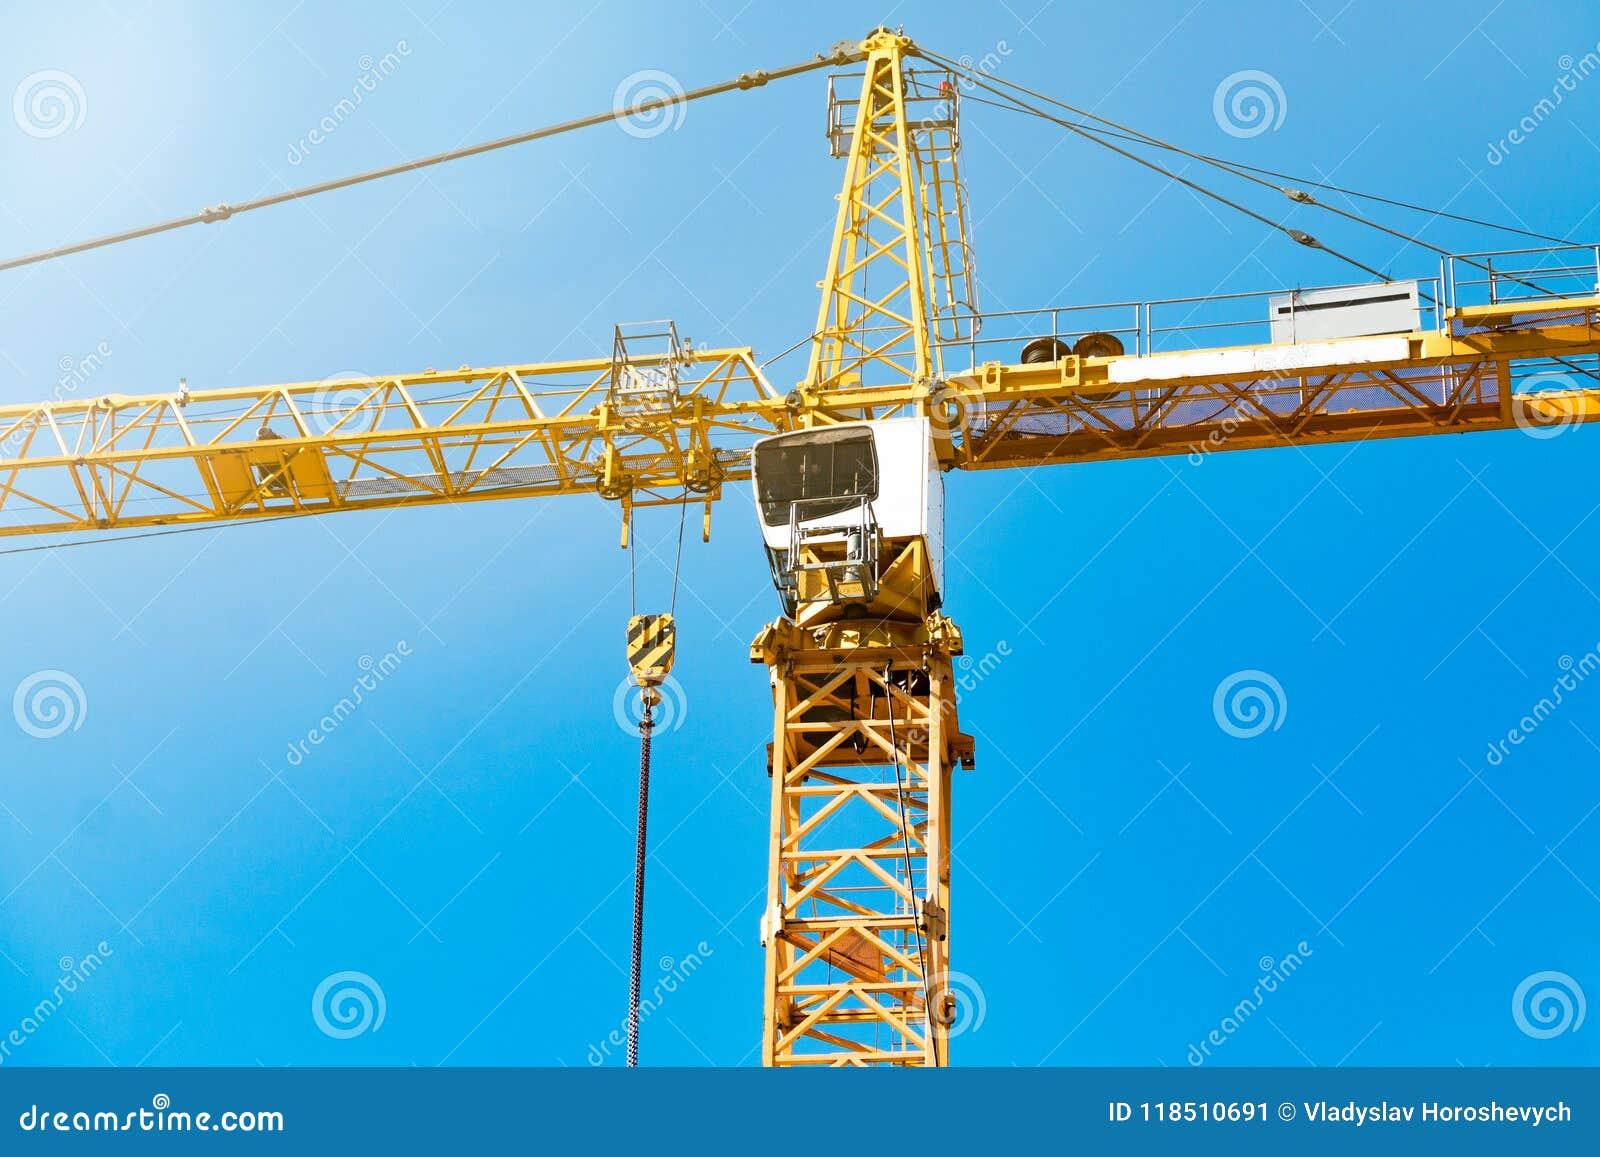 Guindaste de torre da cabina do piloto, guindaste de construção alto contra o céu azul, um guindaste com um contrapeso